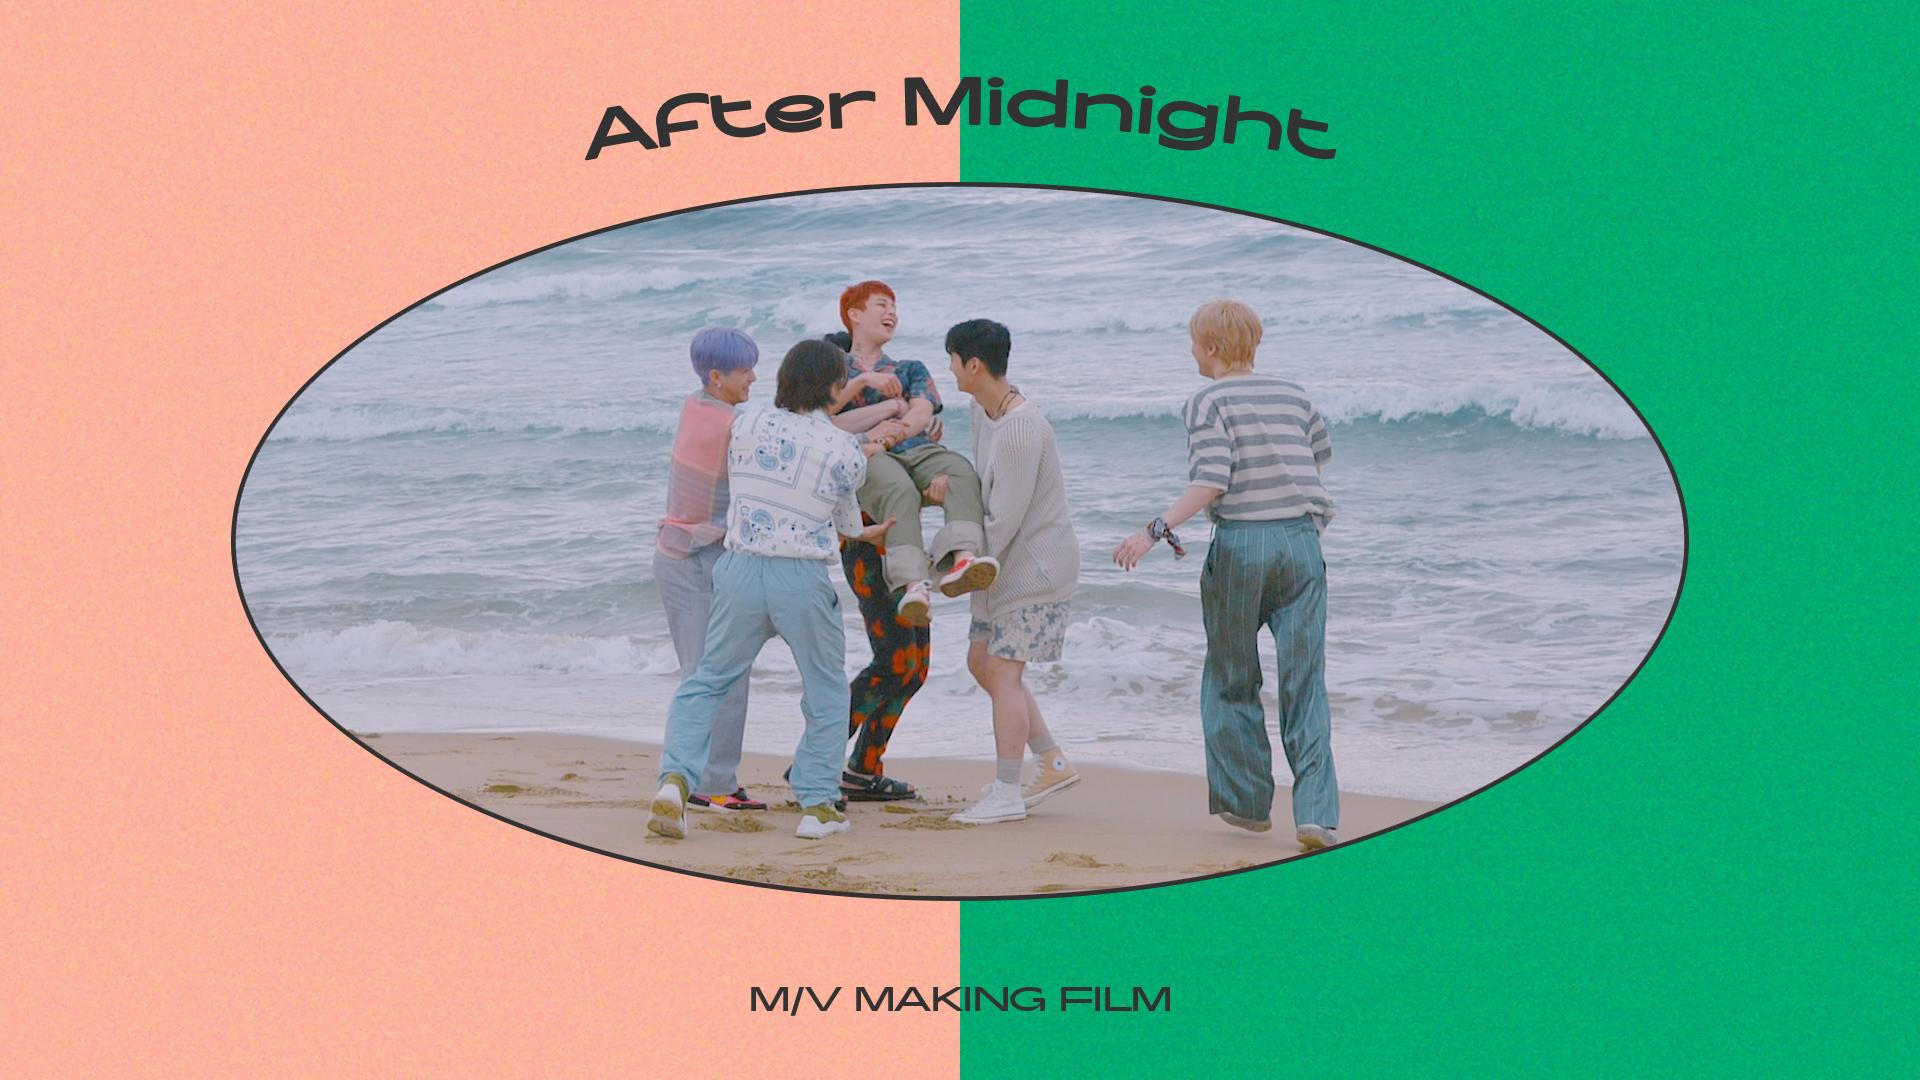 ASTRO 아스트로 - After Midnight M/V MAKING FILM